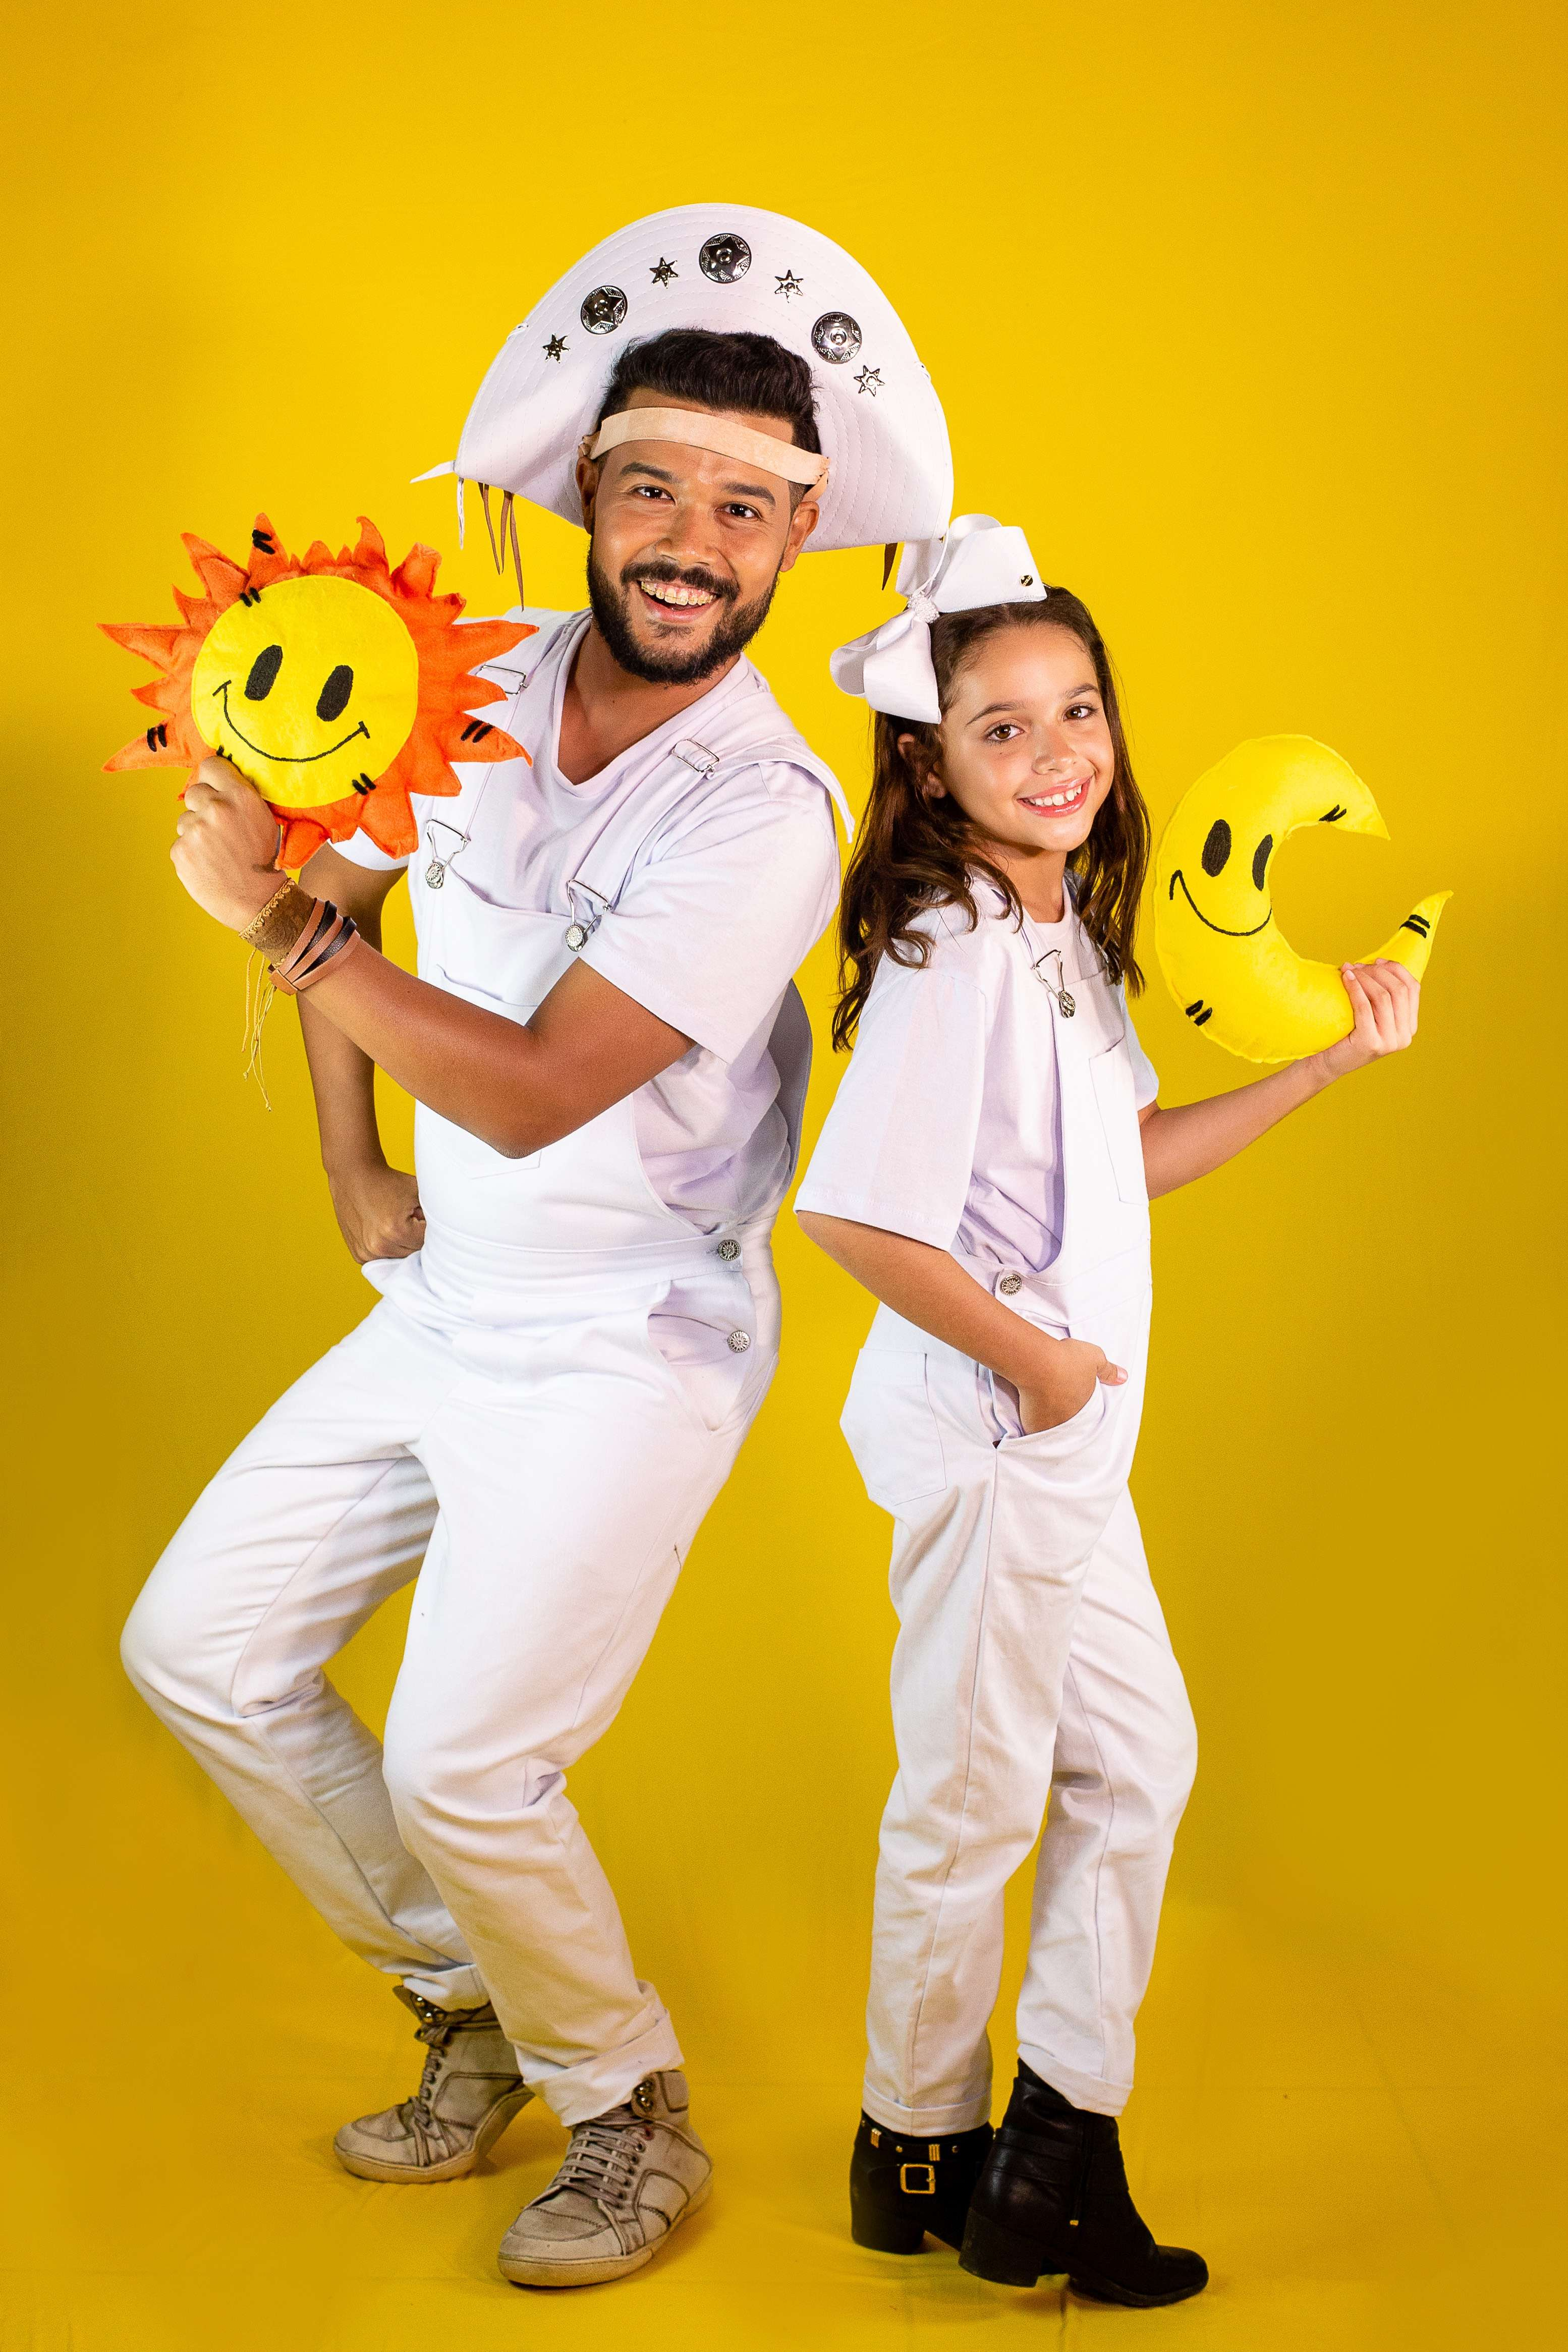 VINI lança 'Lua, Sol e Forró' nas plataformas digitais